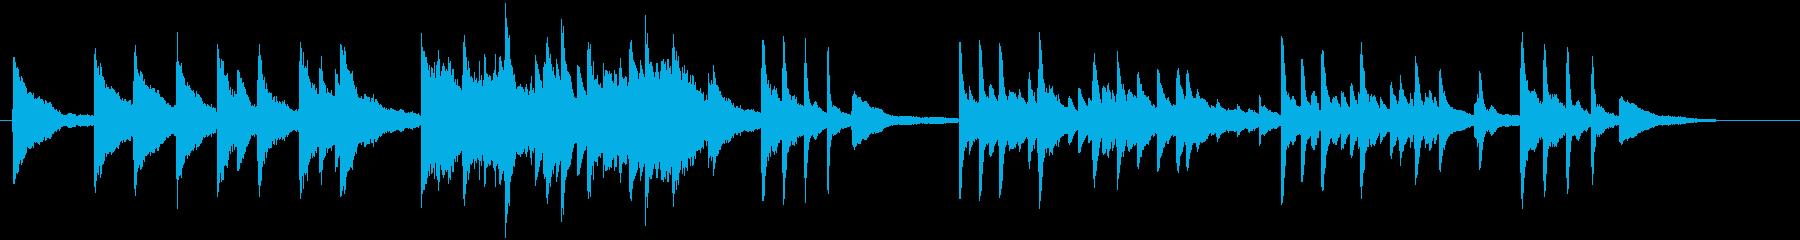 静かな景色の映像をイメージしたピアノ曲の再生済みの波形